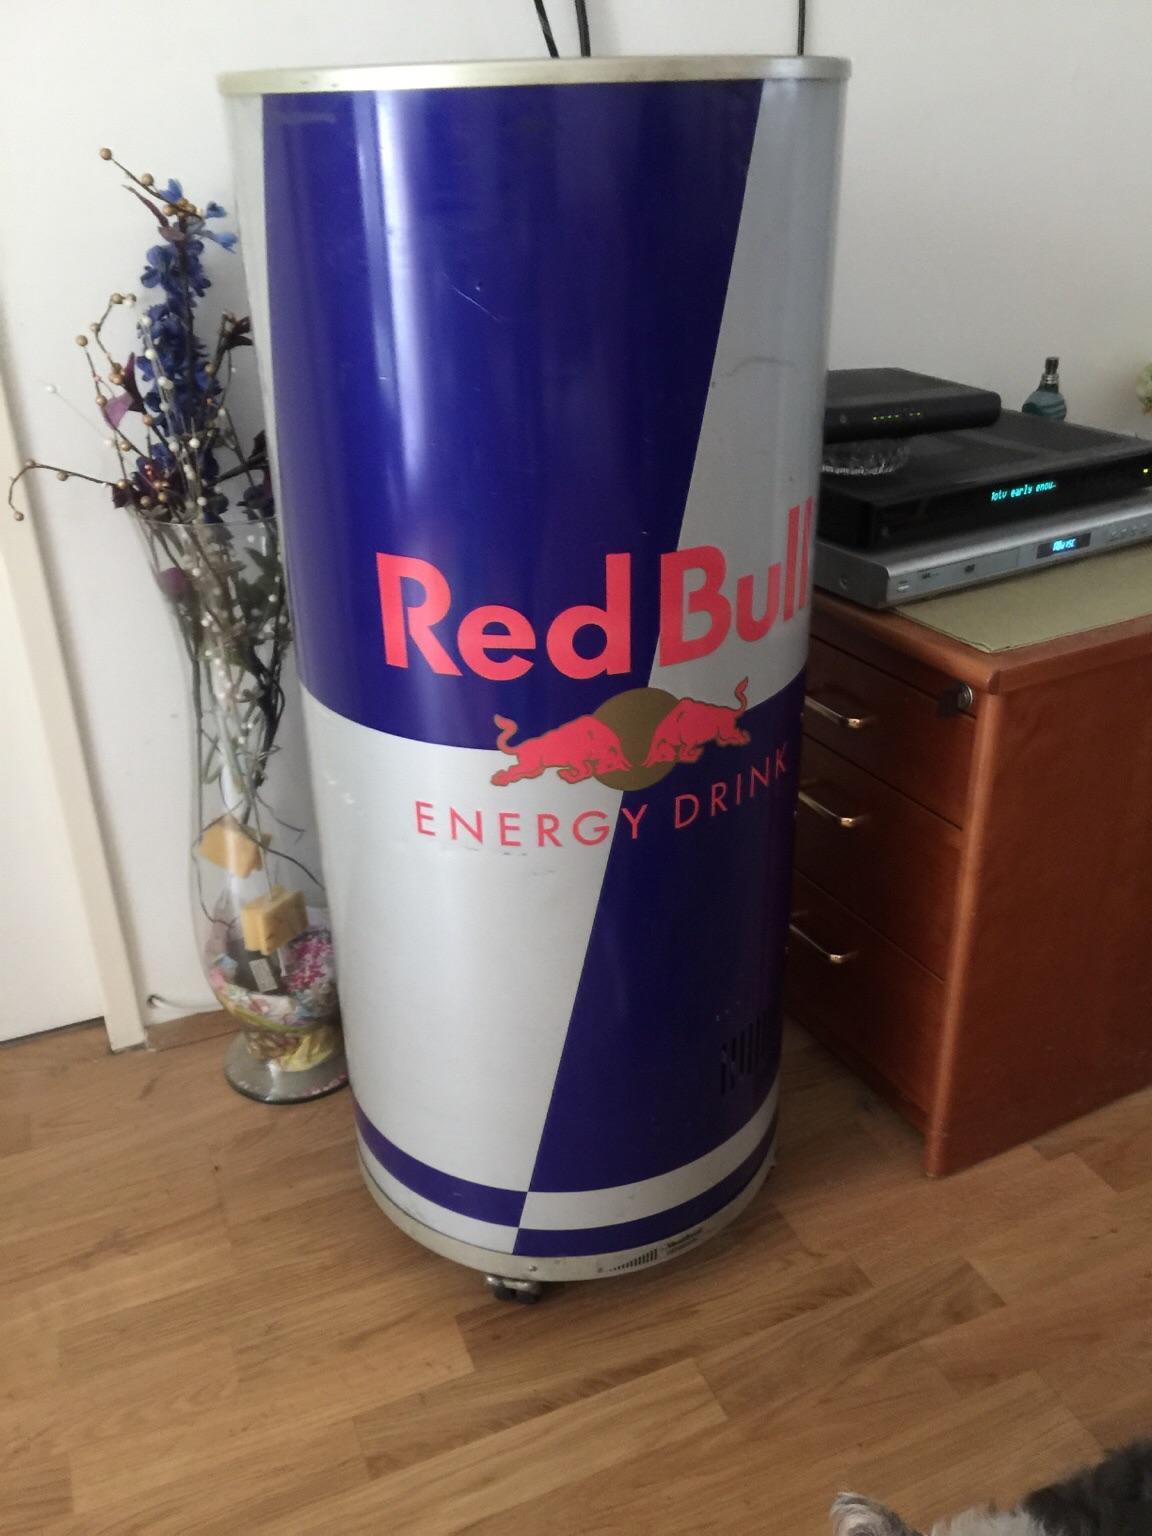 Red Bull Kühlschrank Beleuchtung : Gebraucht verkaufe redbull kühlschrank in wien um u ac